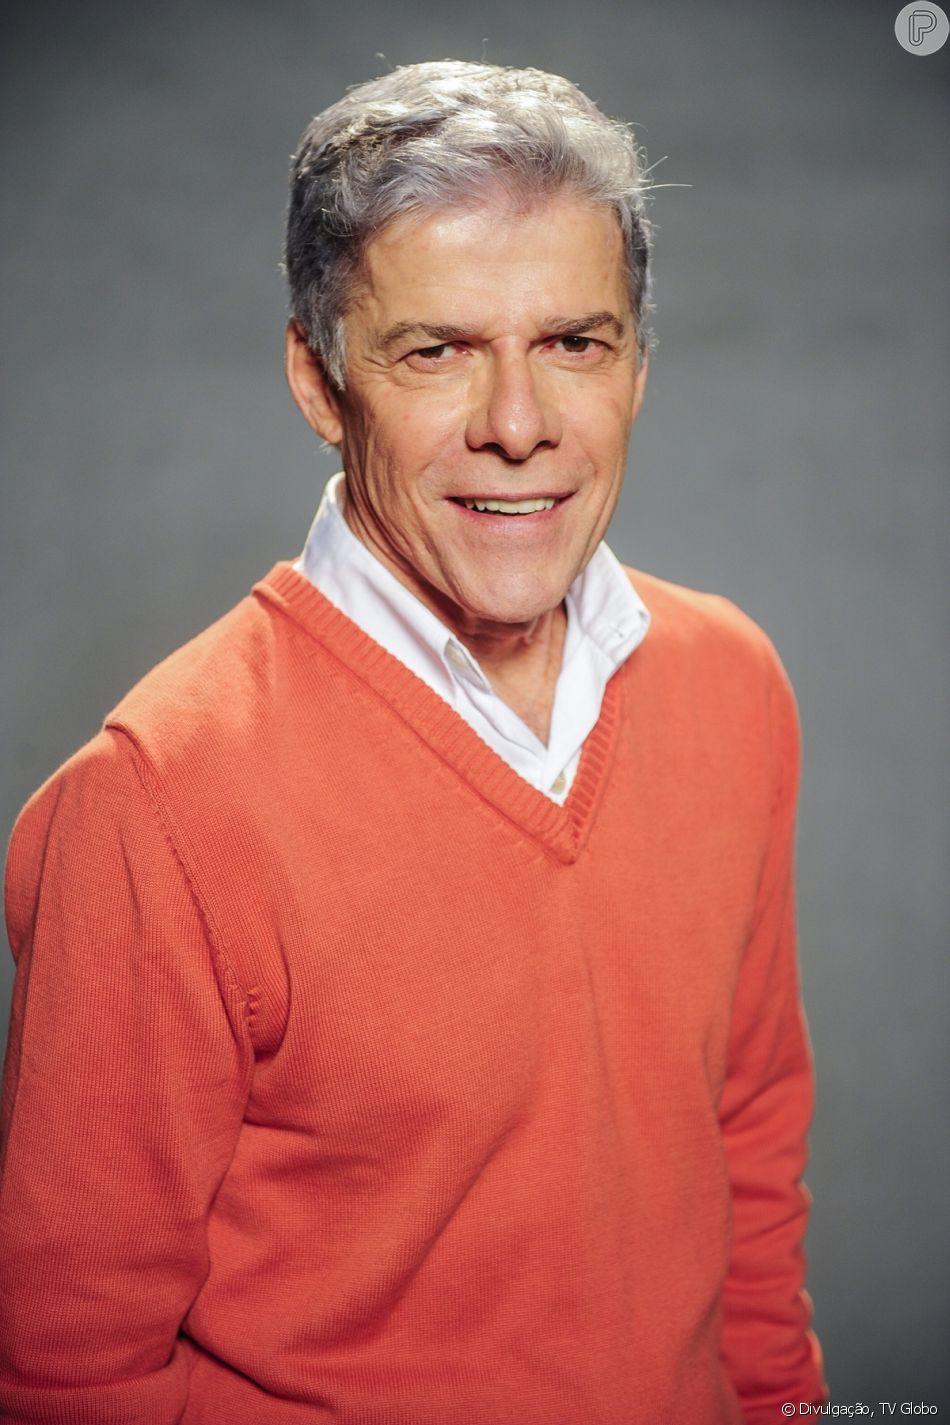 Globo anuncia 'fim de parceria' com José Mayer após denúncia de assédio feita por figurinista